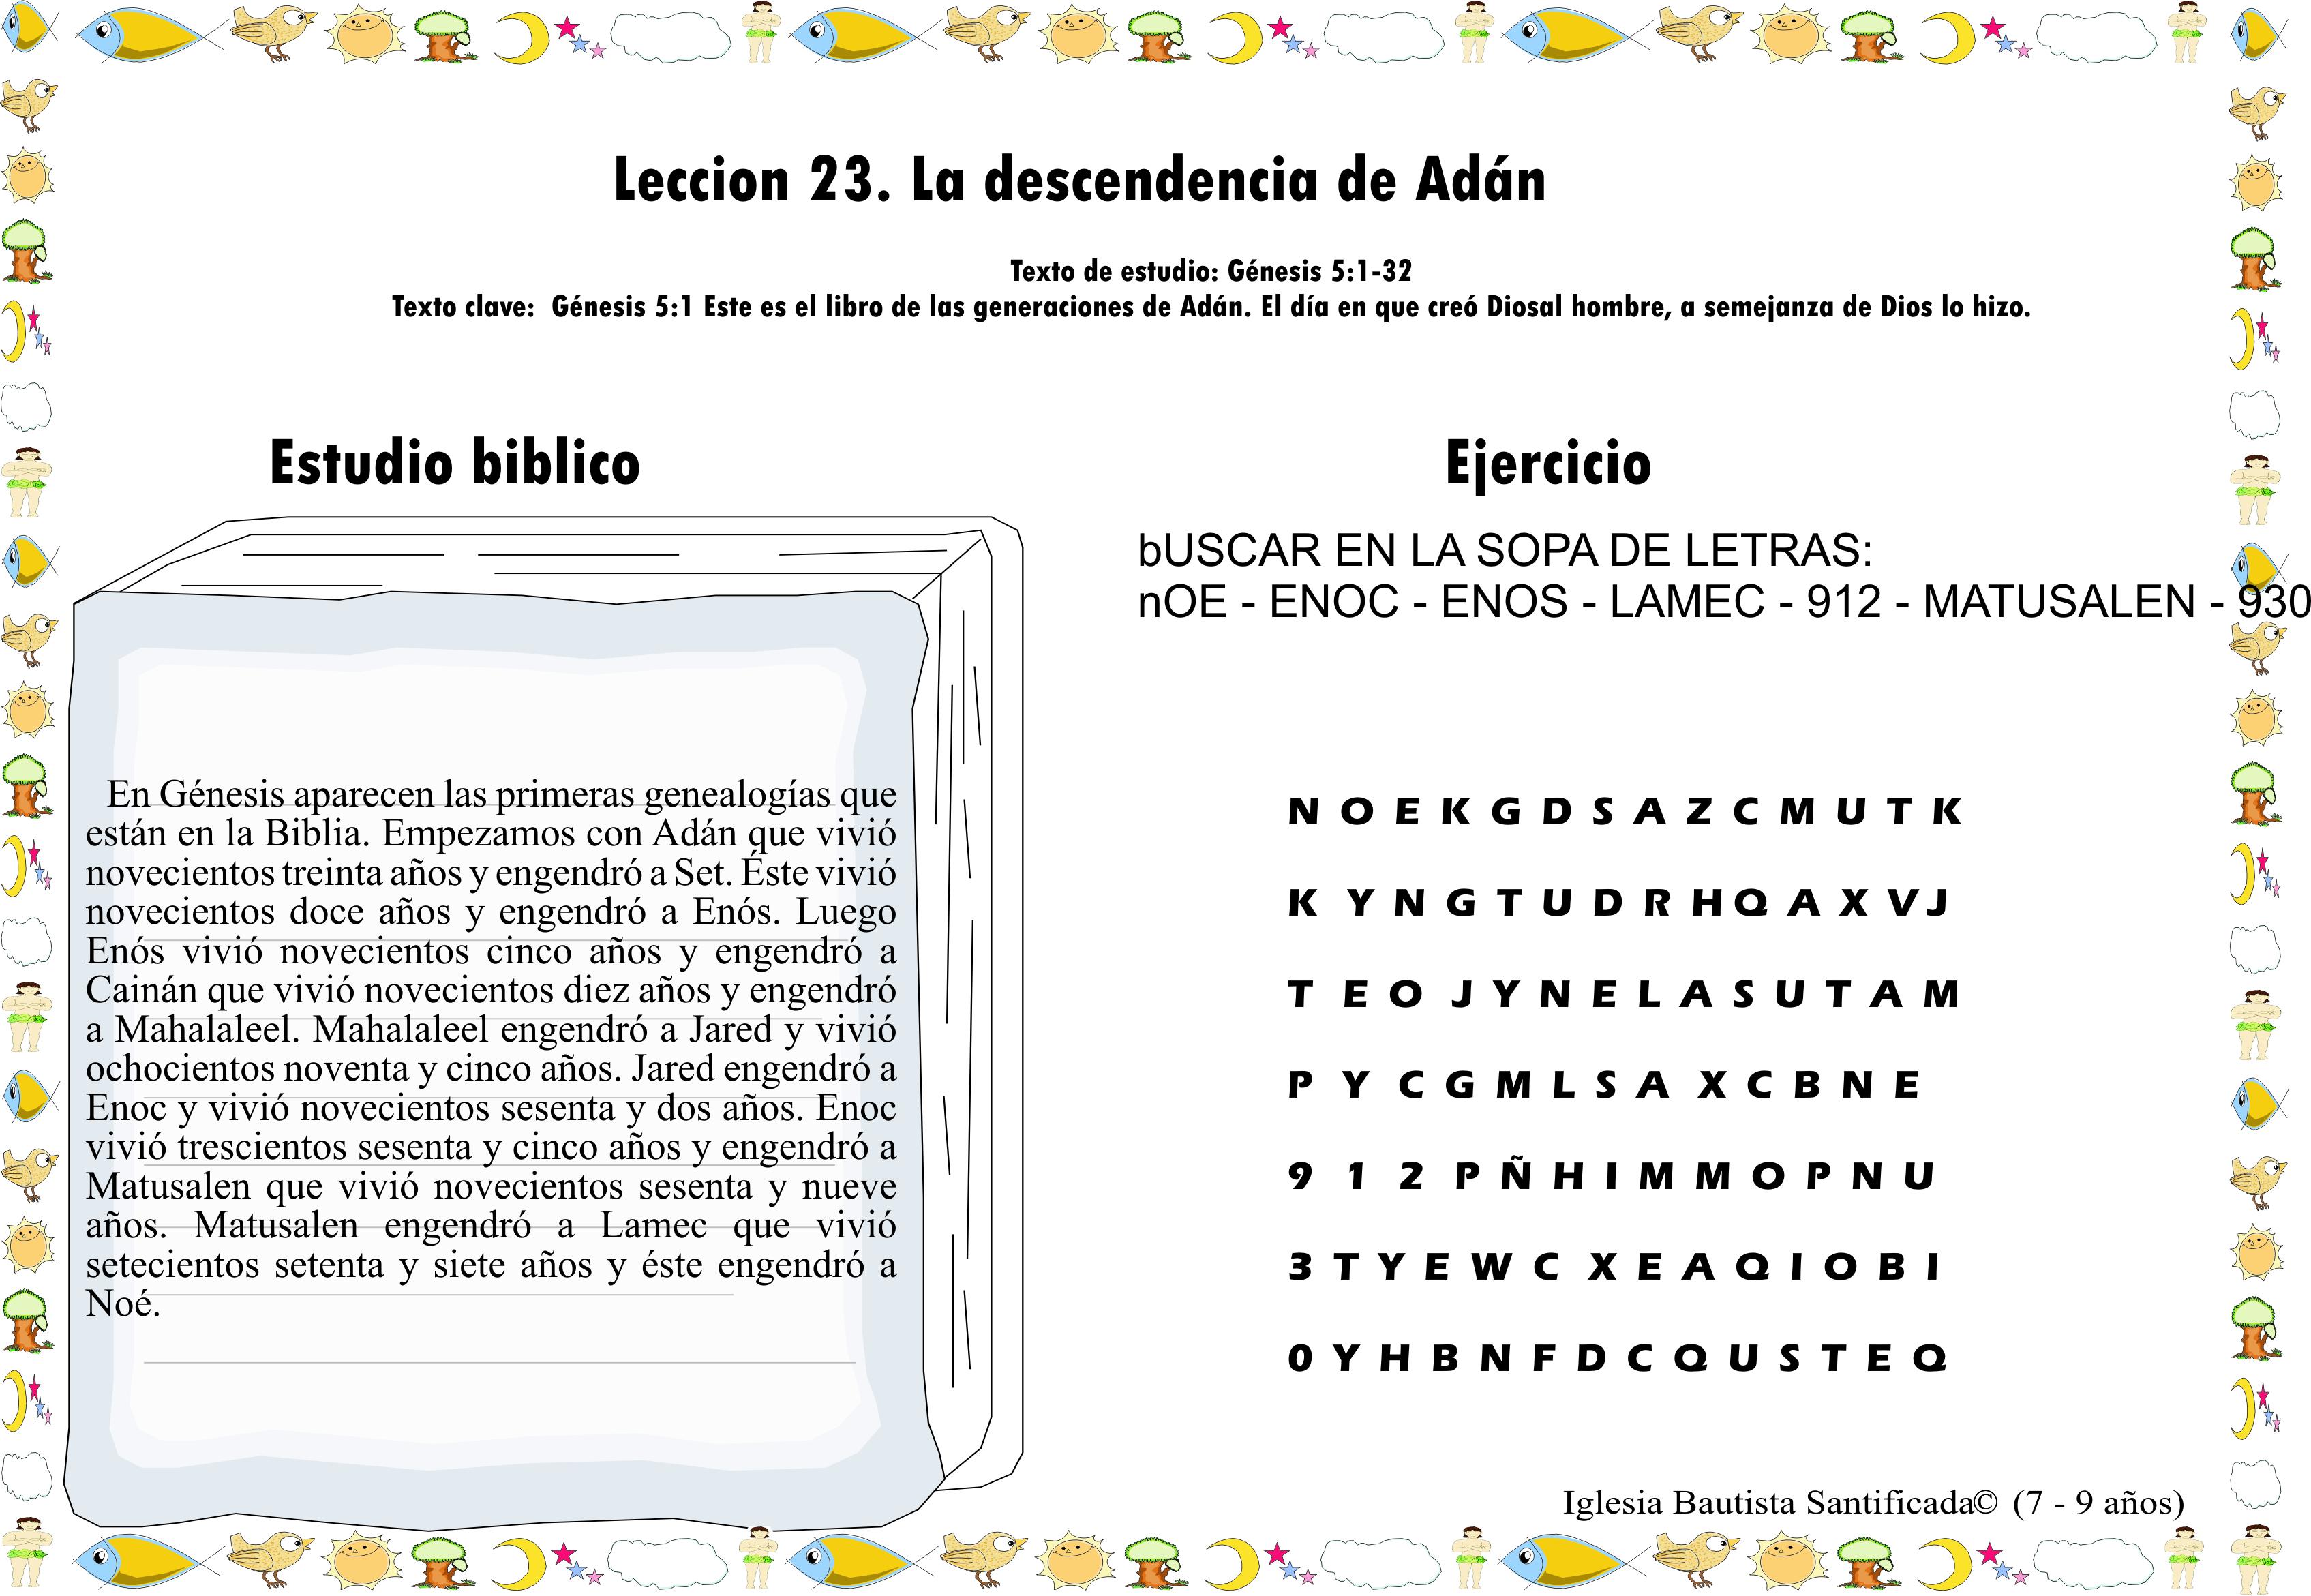 Lección 23. Los descendientes de Adán | Iglesia de Niños